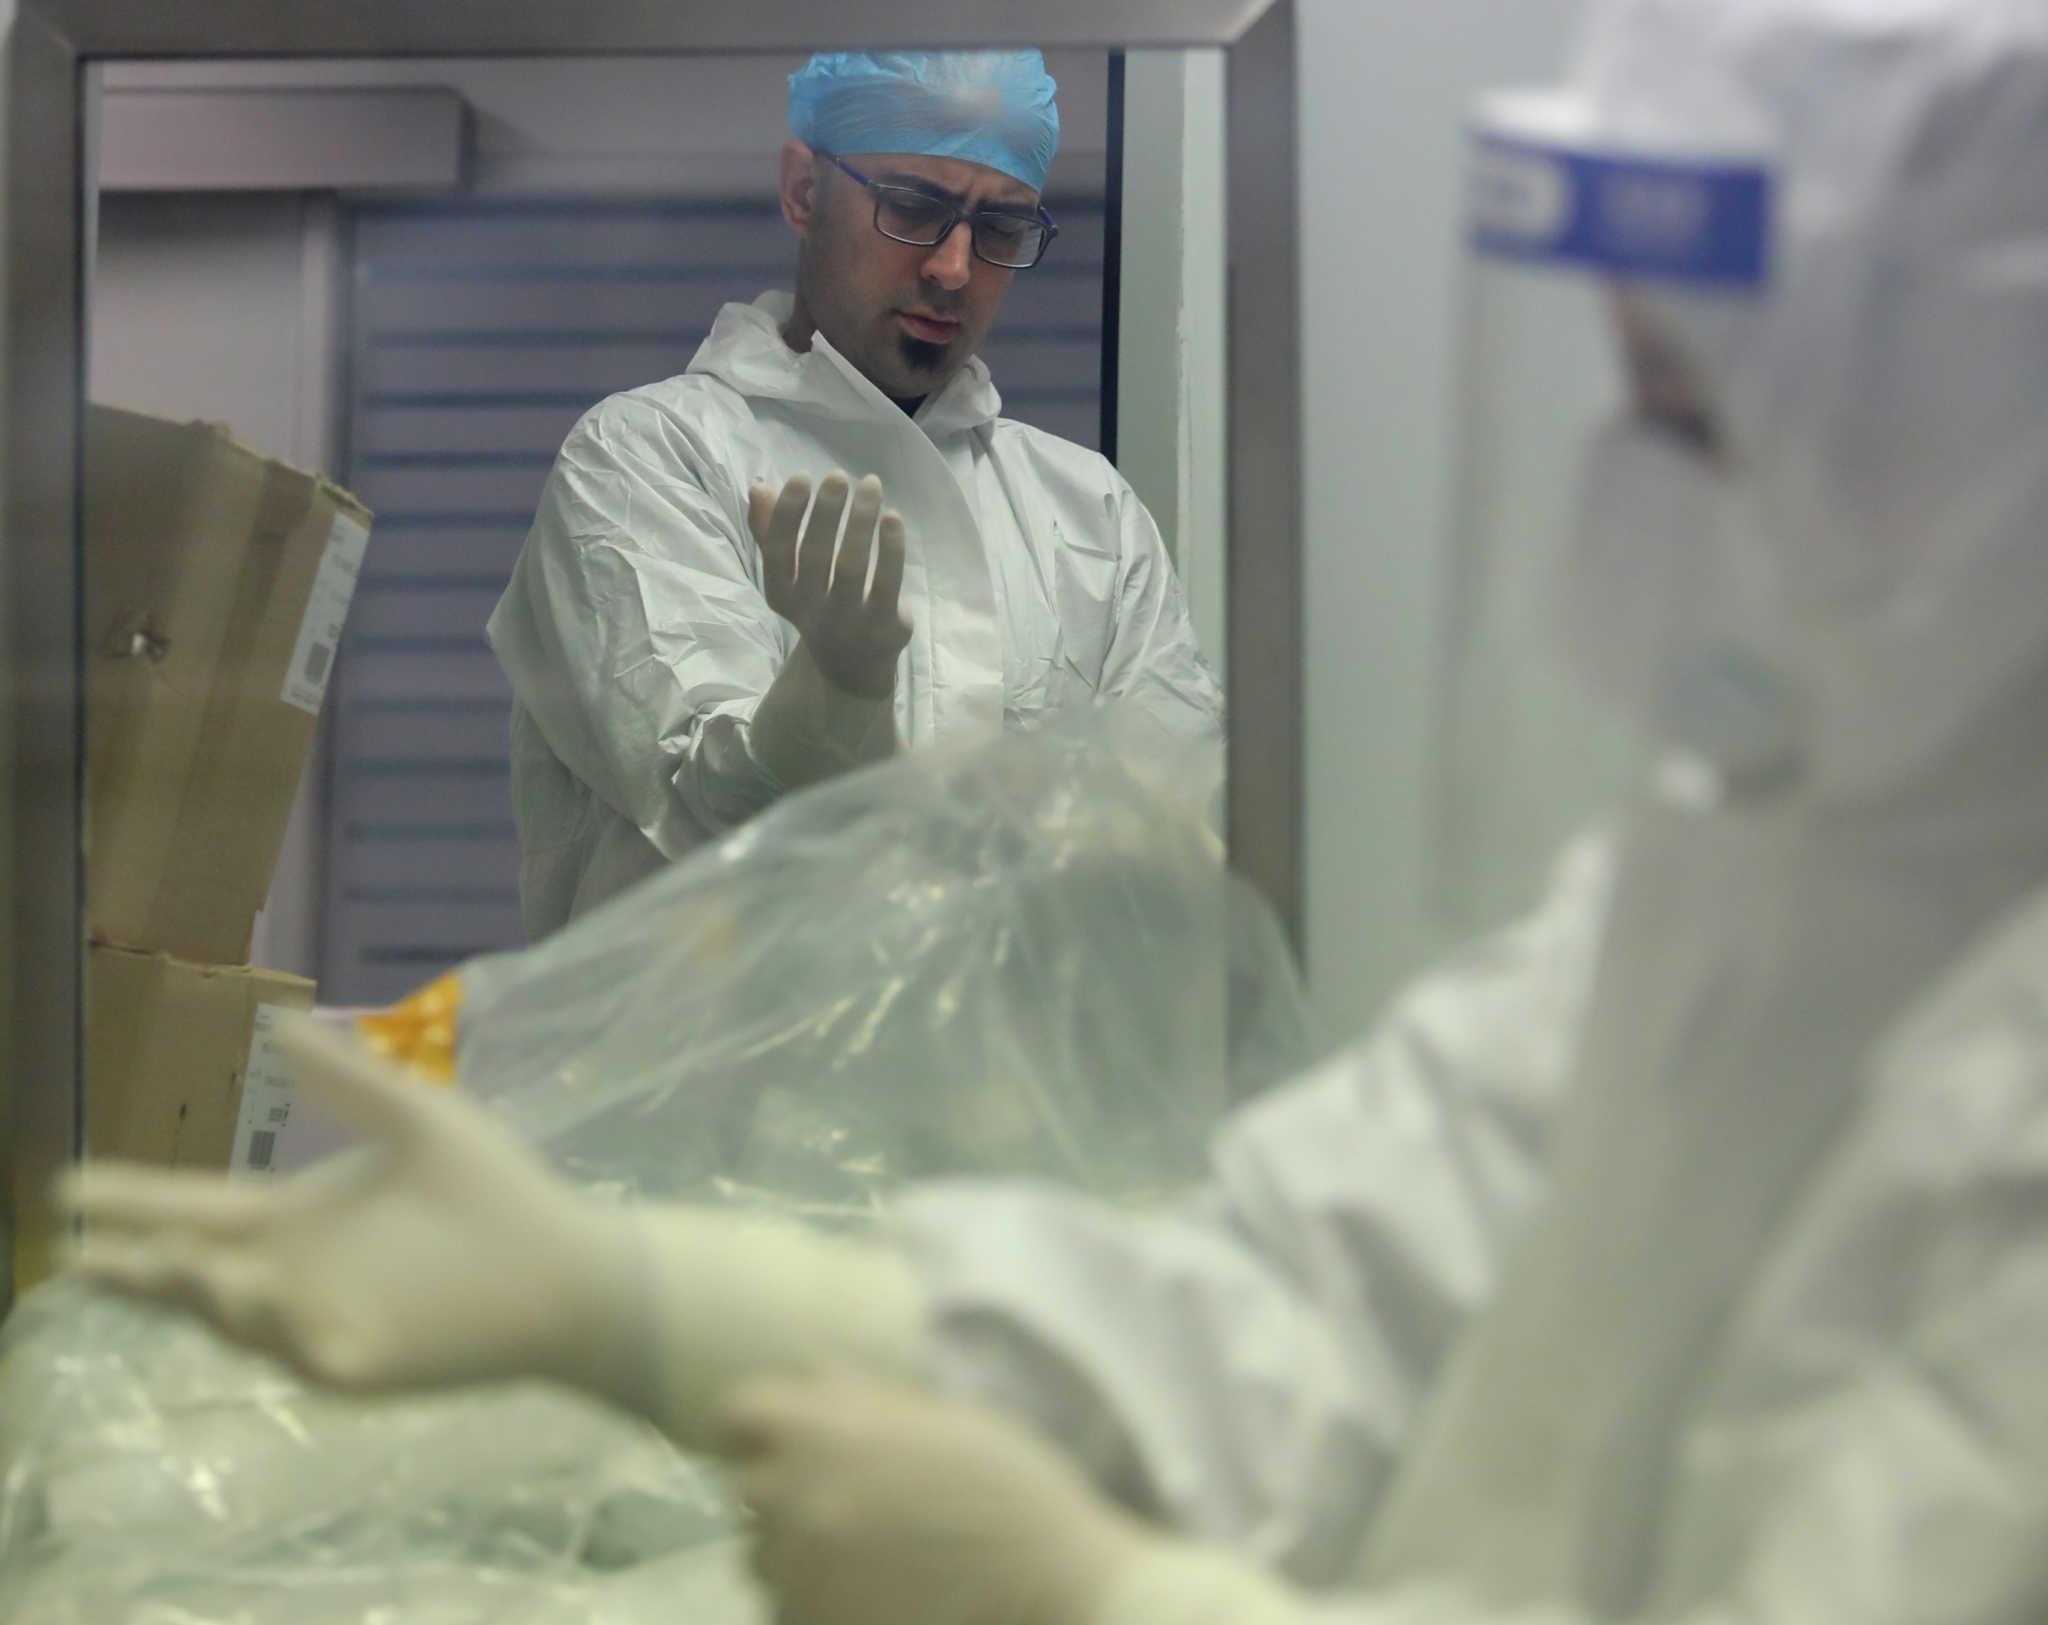 Κορονοϊός: Αρνητικό ρεκόρ με 10 νεκρούς σε 24 ώρες στην Ελλάδα – 63 θύματα συνολικά